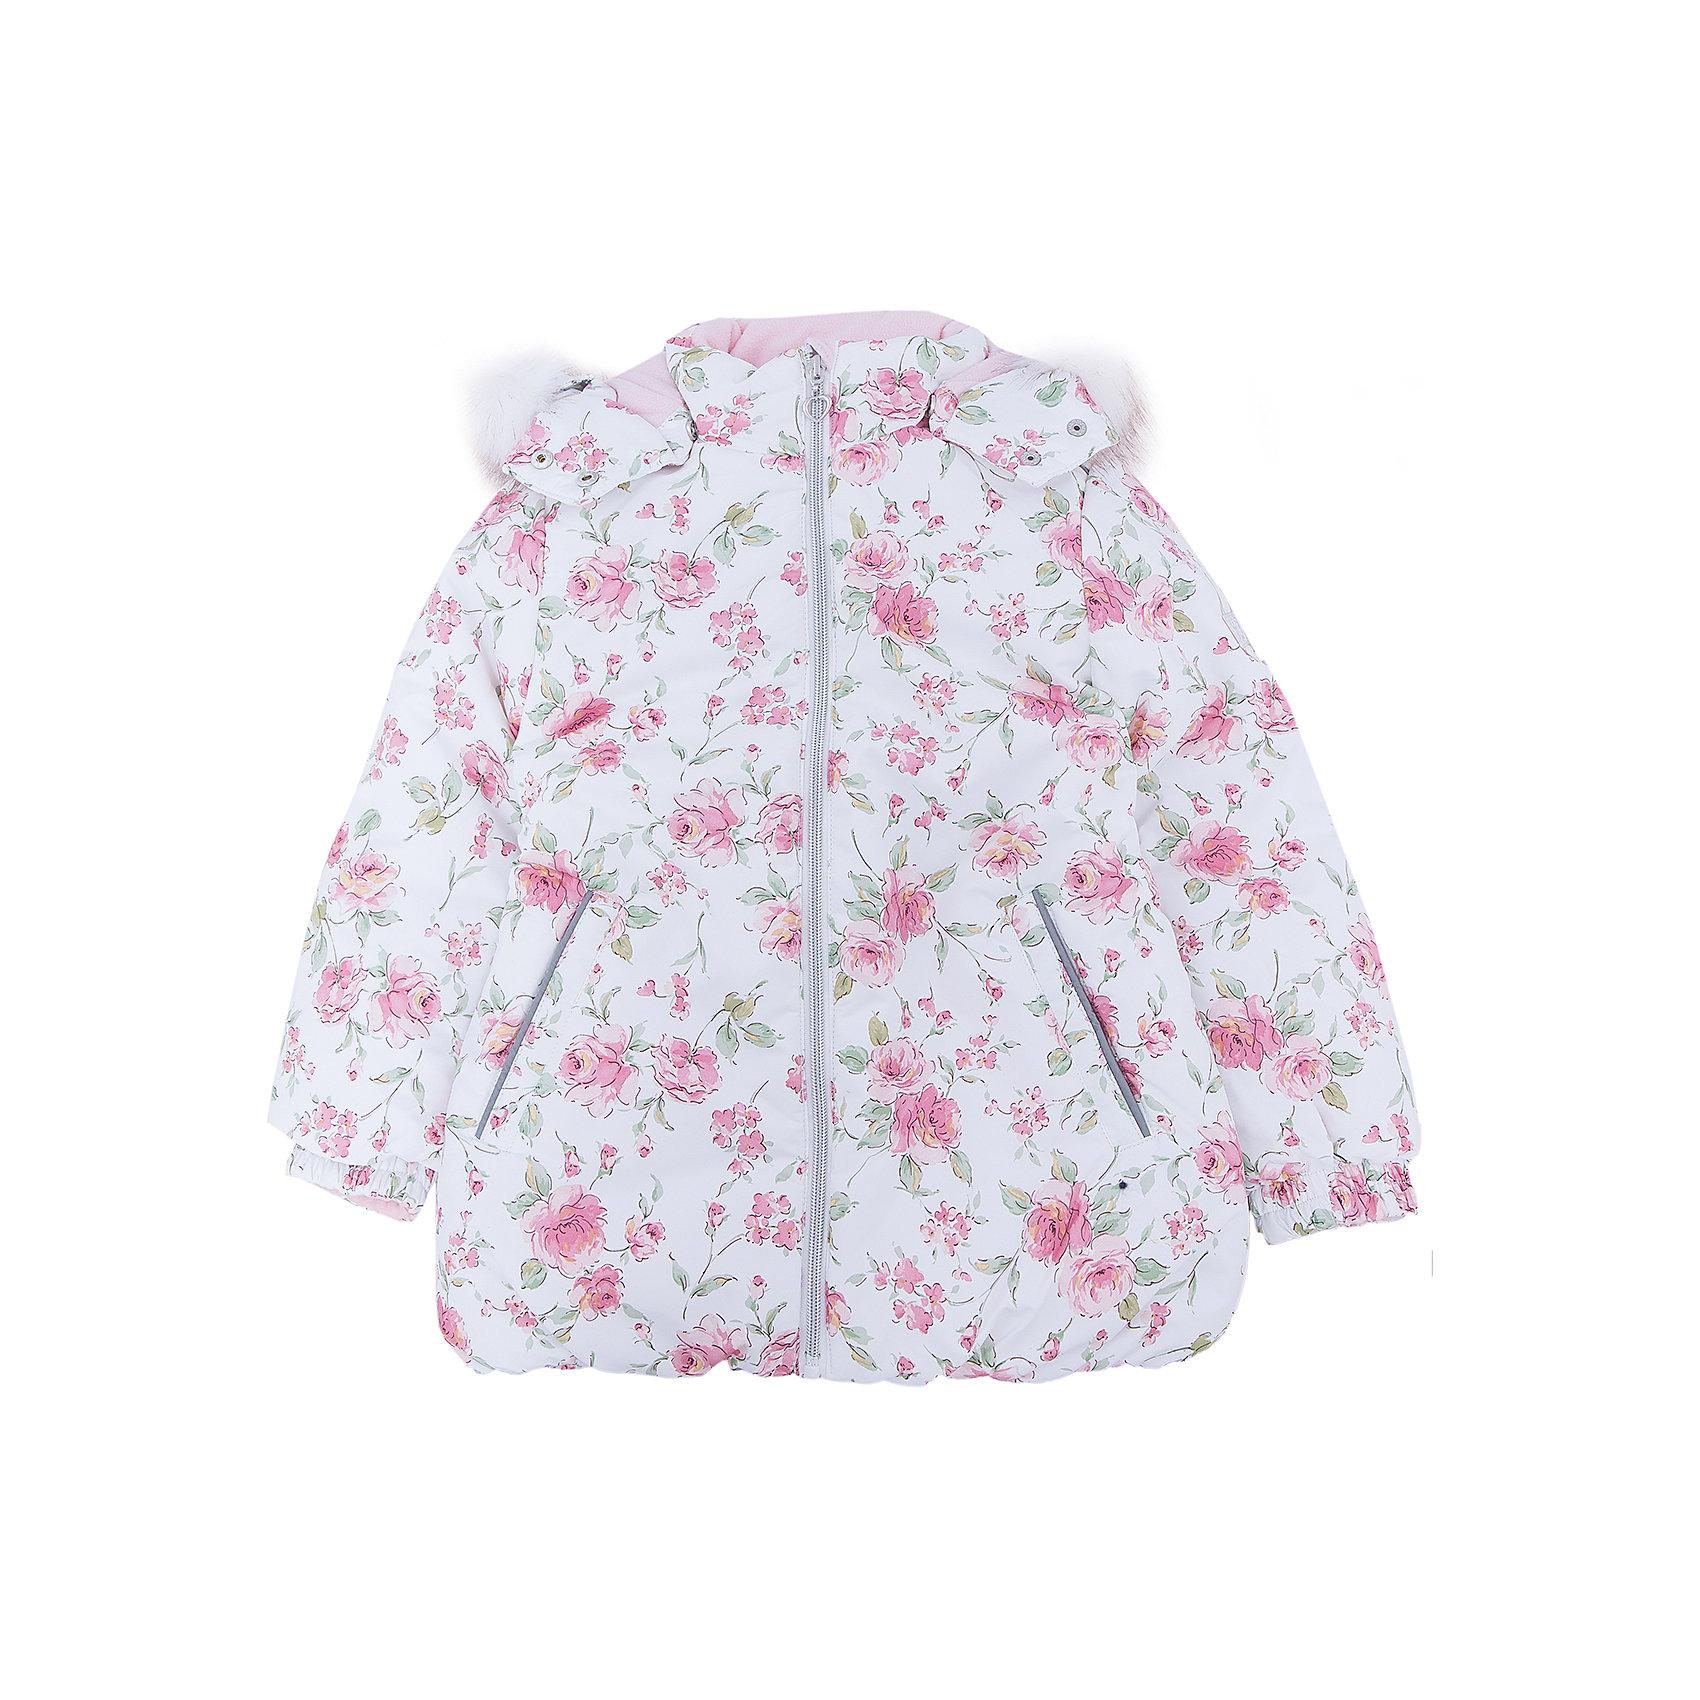 Куртка для девочки SELAВерхняя одежда<br>Такая стильная утепленная куртка - незаменимая вещь в прохладное время года. Эта модель отлично сидит на ребенке, она сшита из плотного материала, позволяет гулять и заниматься спортом на свежем воздухе. Подкладка и утеплитель обеспечивают ребенку комфорт. Модель дополнена капюшоном и карманами.<br>Одежда от бренда Sela (Села) - это качество по приемлемым ценам. Многие российские родители уже оценили преимущества продукции этой компании и всё чаще приобретают одежду и аксессуары Sela.<br><br>Дополнительная информация:<br><br>цвет: разноцветный;<br>материал: 100% ПЭ; подкладка:100% ПЭ; утеплитель:100% ПЭ; мех: искусственный;<br>капюшон;<br>карманы;<br>молния.<br><br>Куртку для девочки от бренда Sela можно купить в нашем интернет-магазине.<br><br>Ширина мм: 356<br>Глубина мм: 10<br>Высота мм: 245<br>Вес г: 519<br>Цвет: бежевый<br>Возраст от месяцев: 36<br>Возраст до месяцев: 48<br>Пол: Женский<br>Возраст: Детский<br>Размер: 104,116,98,110<br>SKU: 4912964